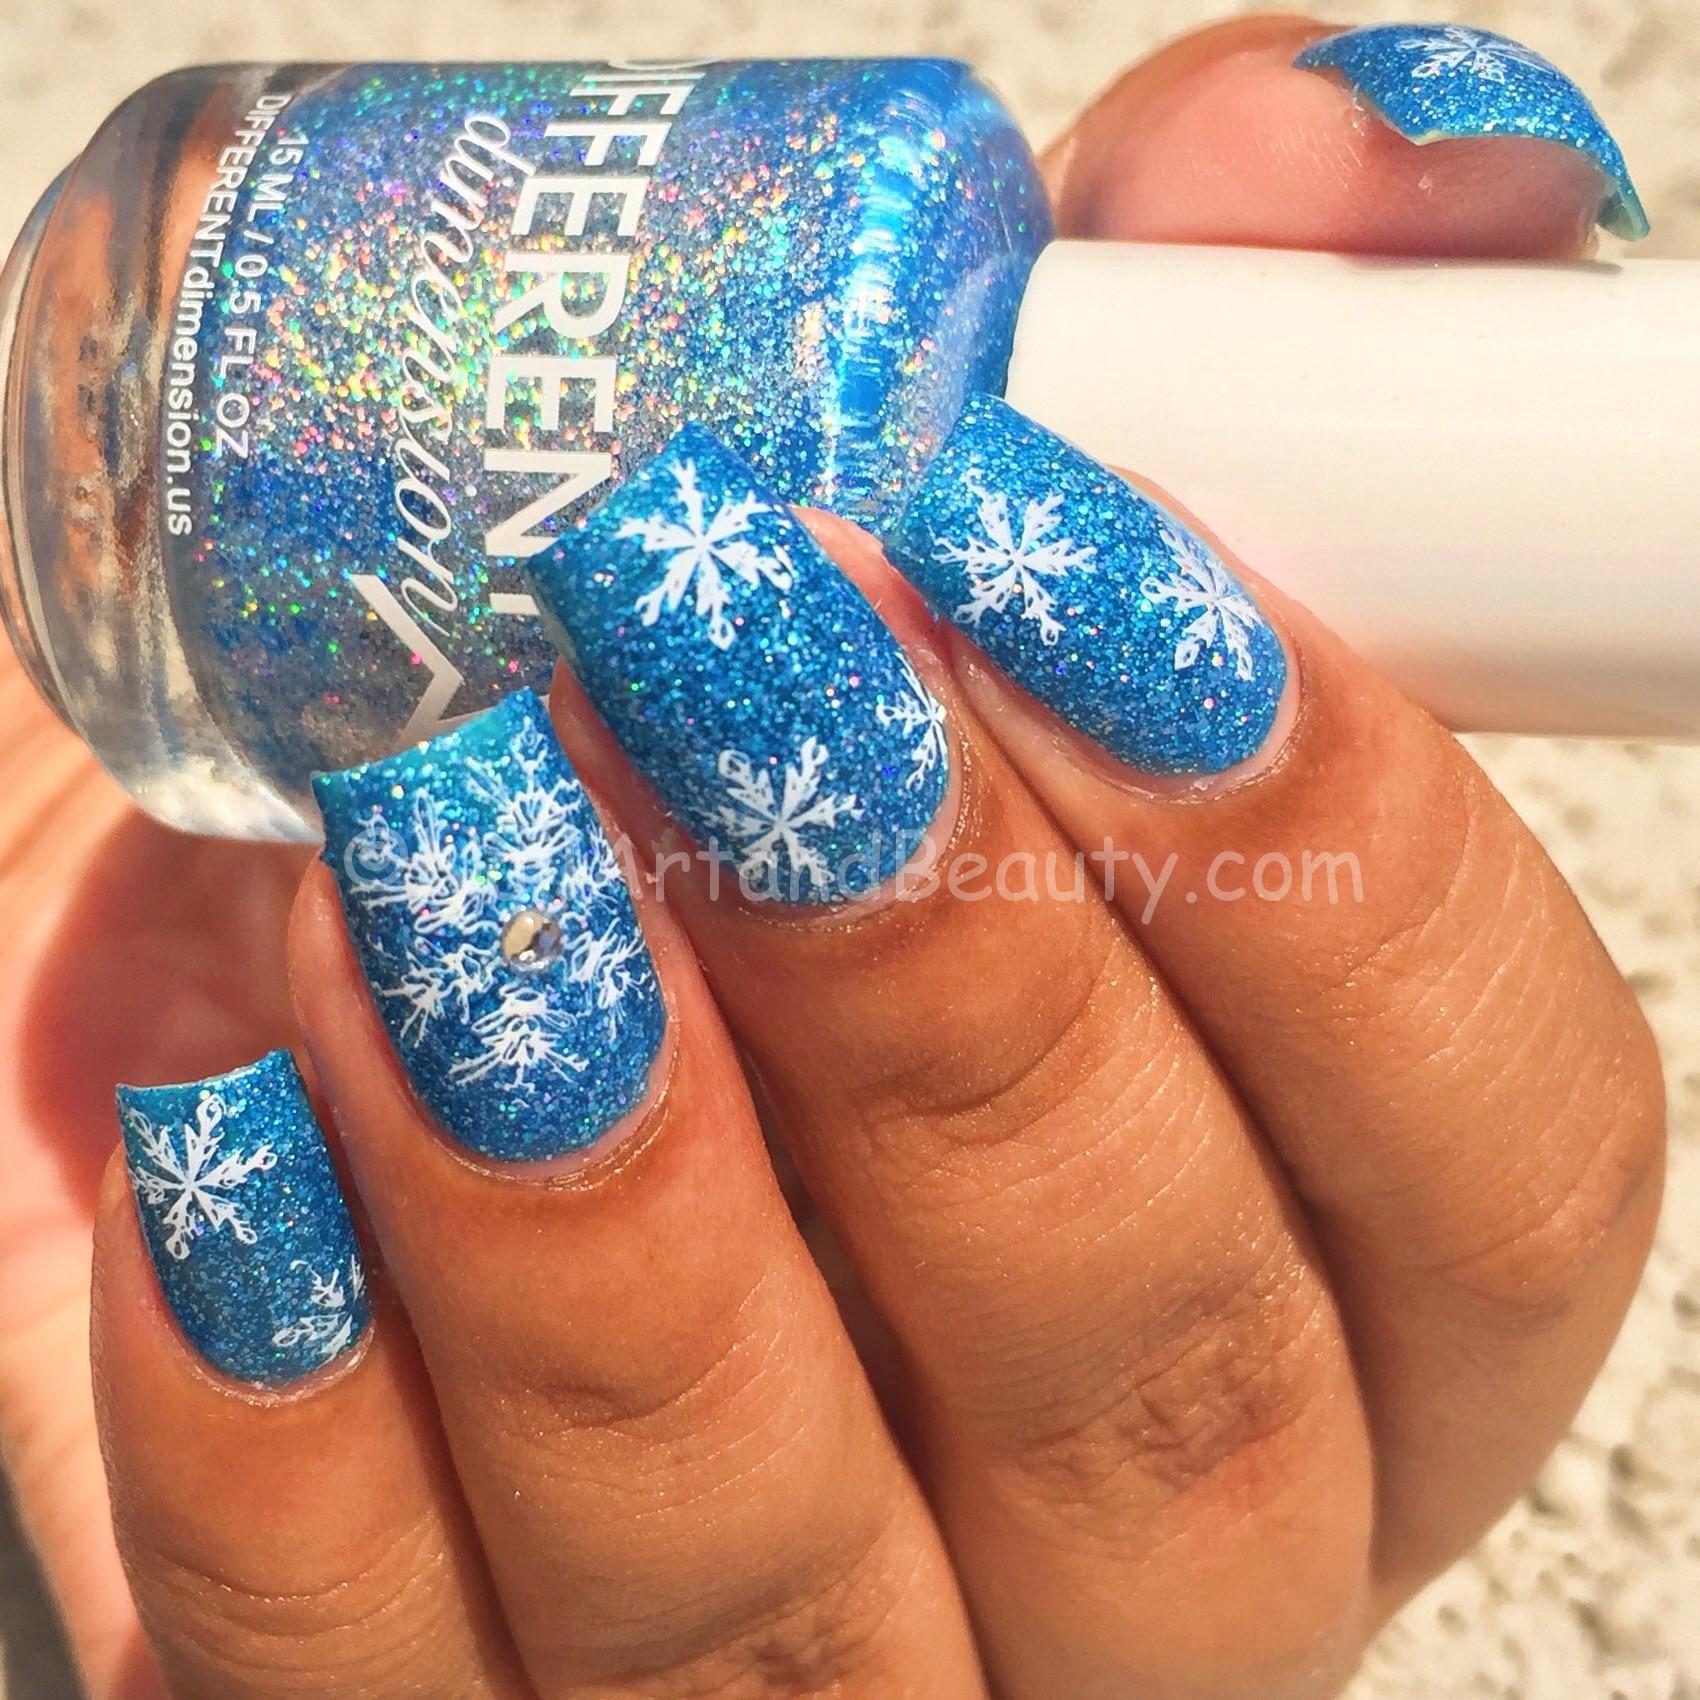 snowflakes-nails